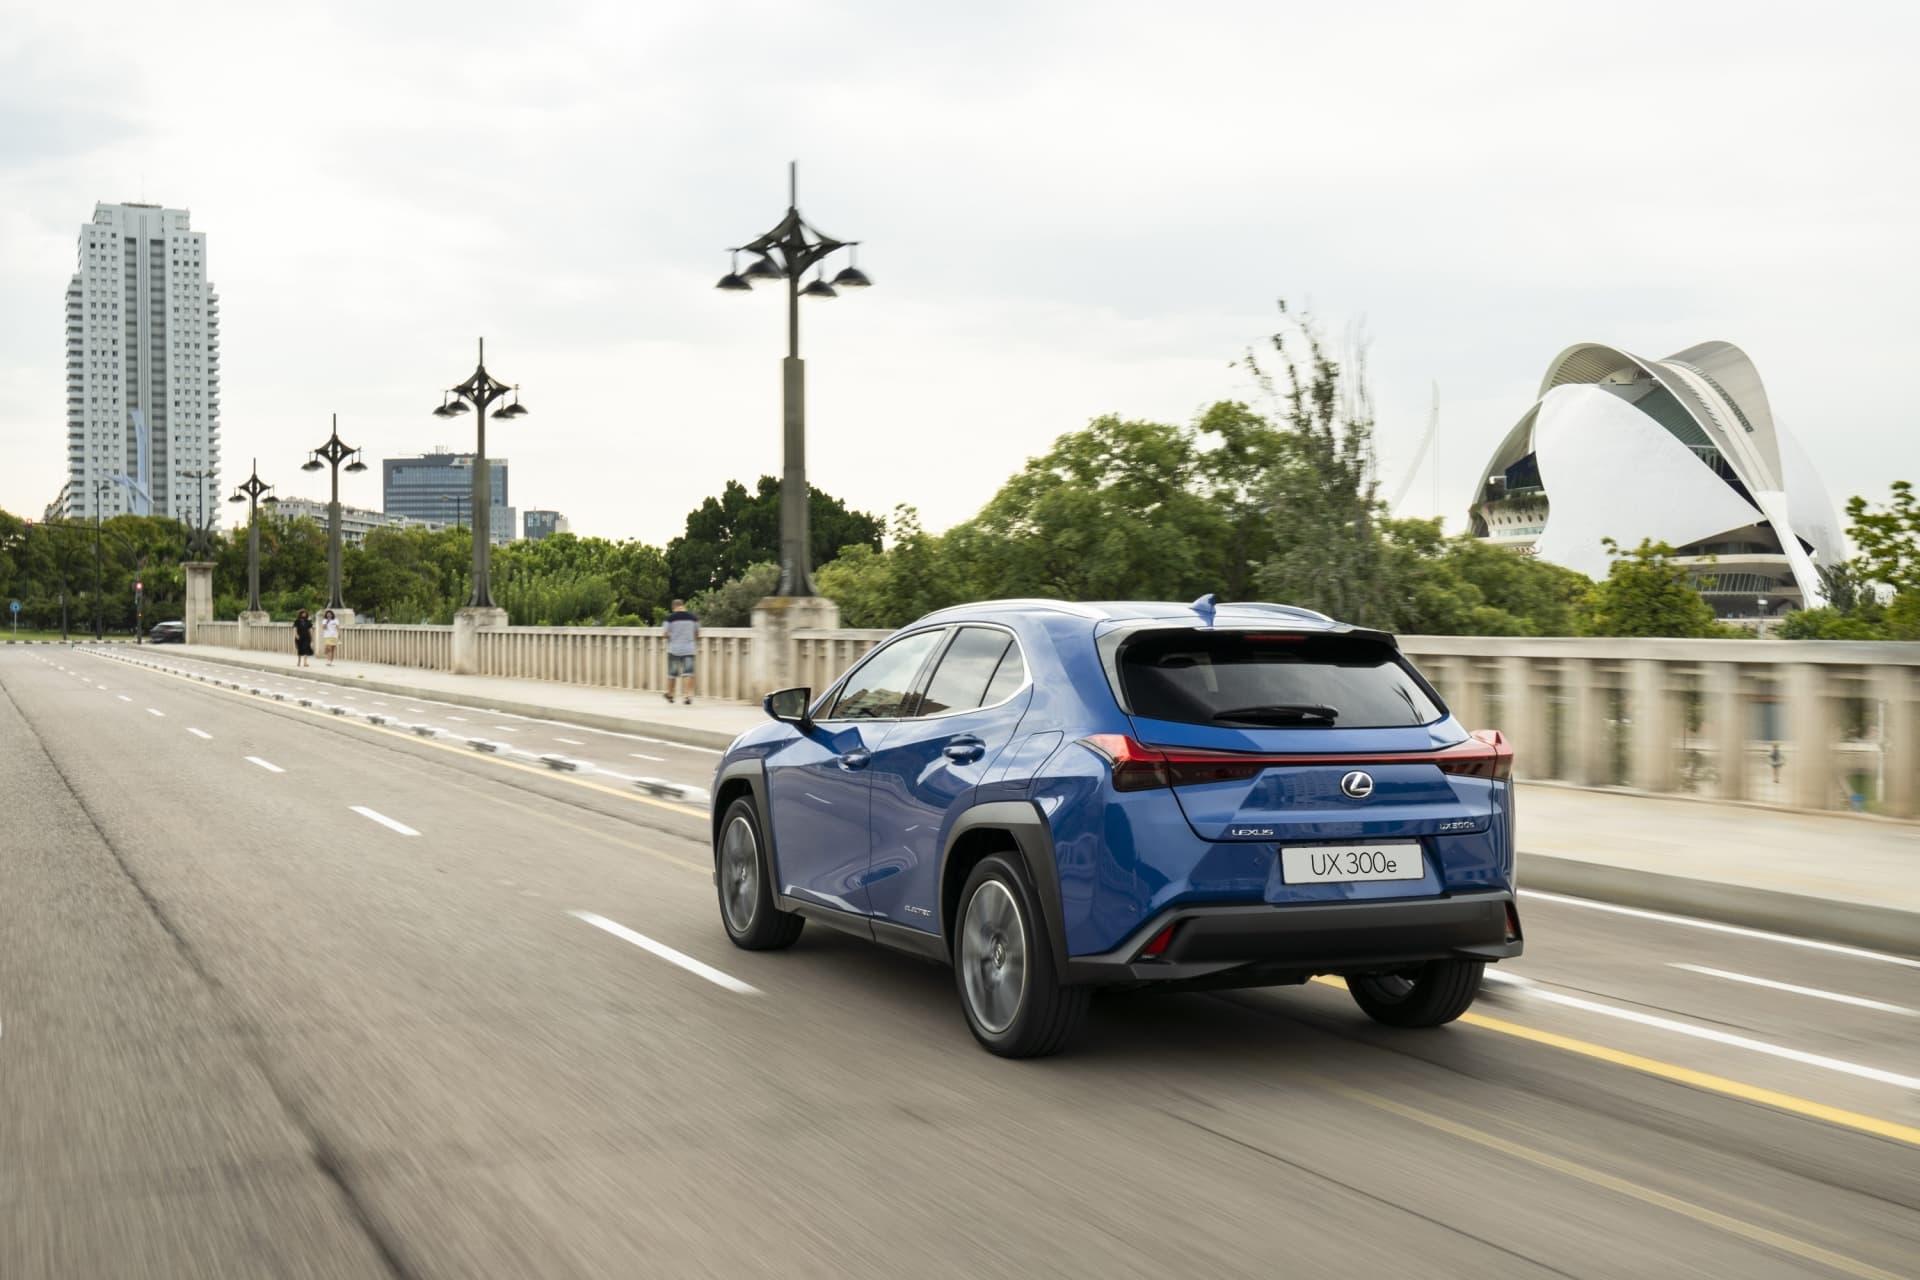 Lexus Ux 300e 04